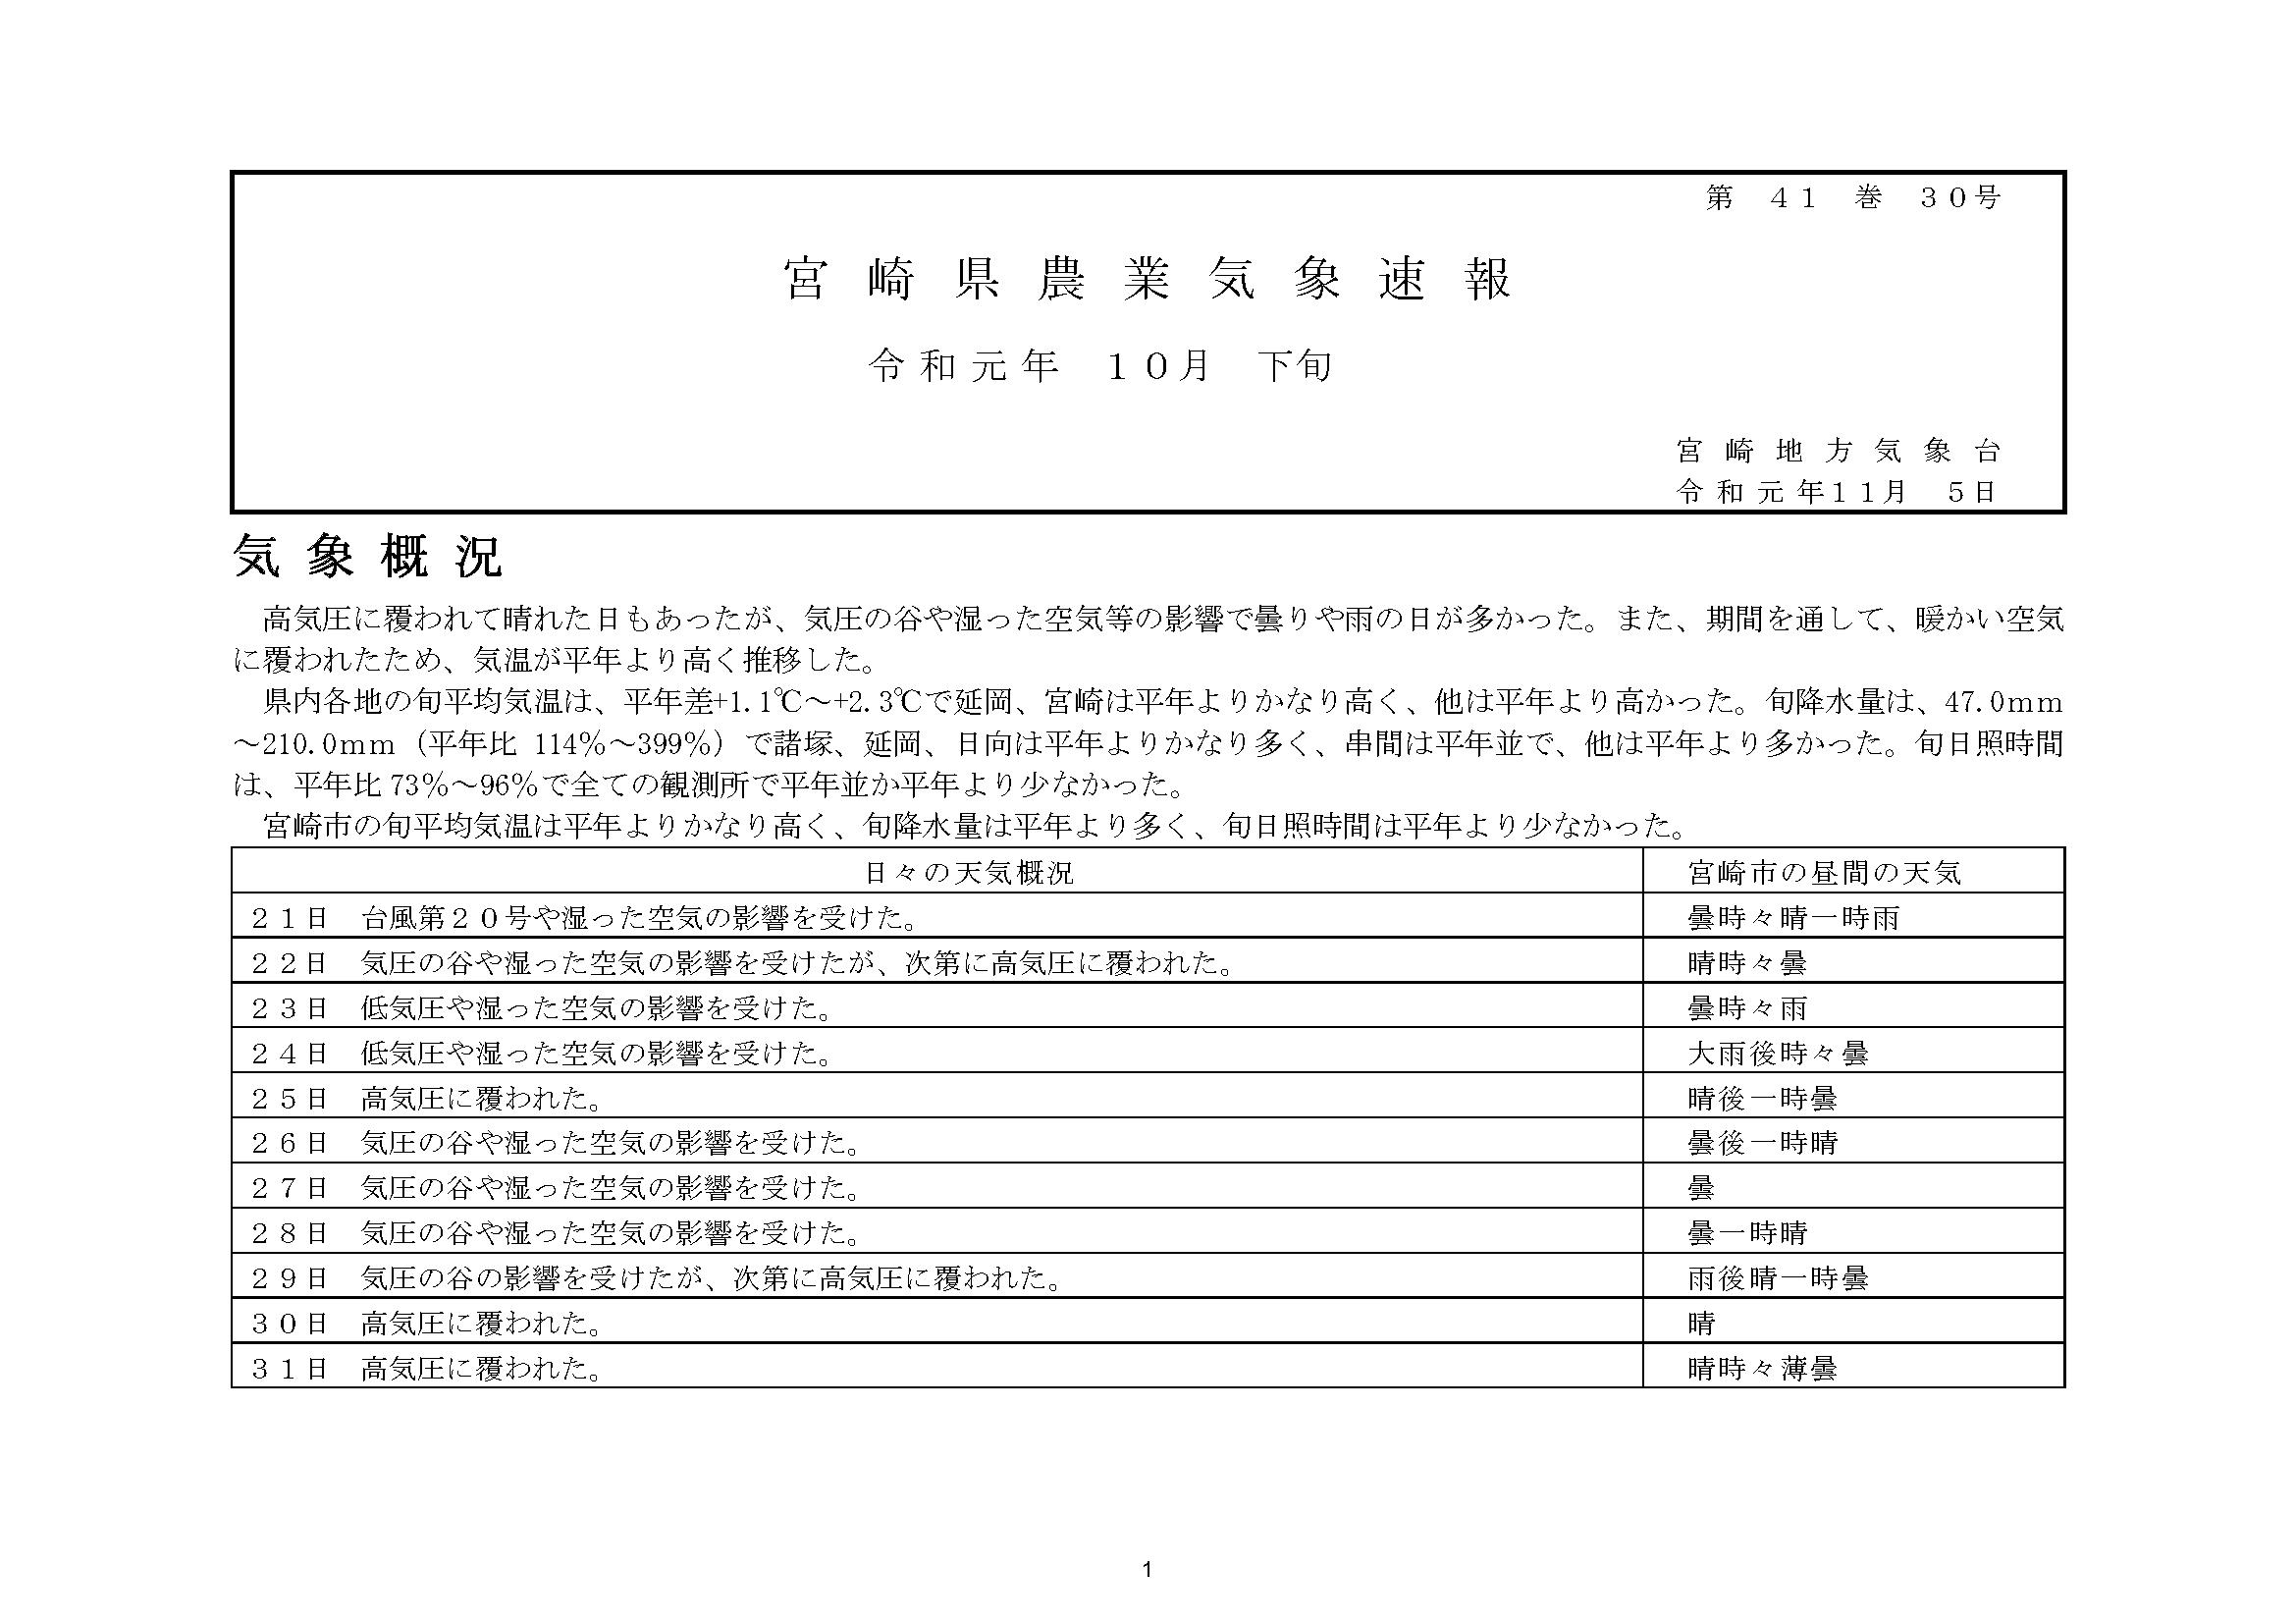 宮崎県農業気象速報令和元年10月下旬PDF